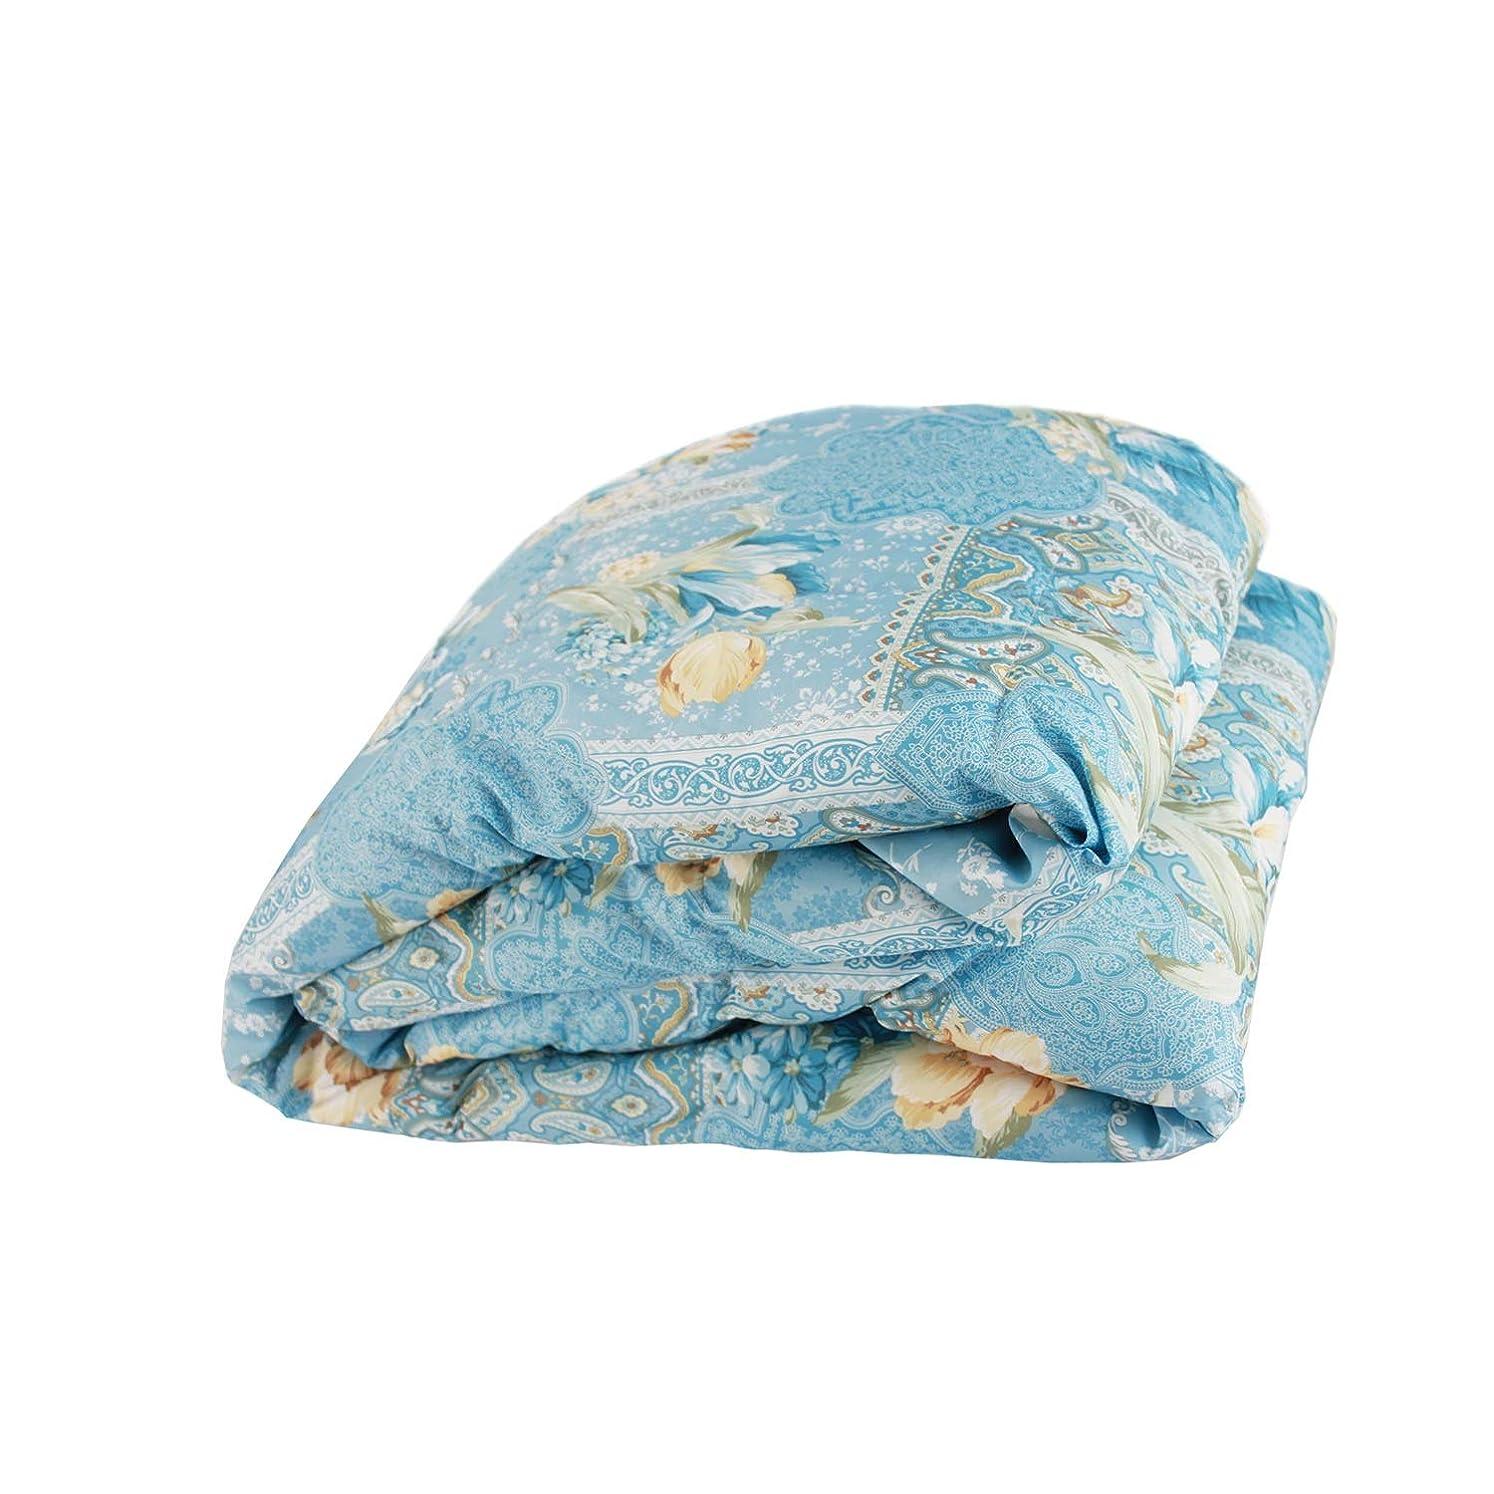 軍隊対抗行政SNOWMAN 洗える ダウンケット シングル ホワイトダウン90% 夏用 羽毛 肌掛け布団 お布団と重ね着で1年中使える 2倍の洗浄度 抗菌 防臭 防ダニ 吸湿?放湿性に優れ 爽やかな寝心地 肌掛け 羽毛布団 150×210cm 花柄 ブルー